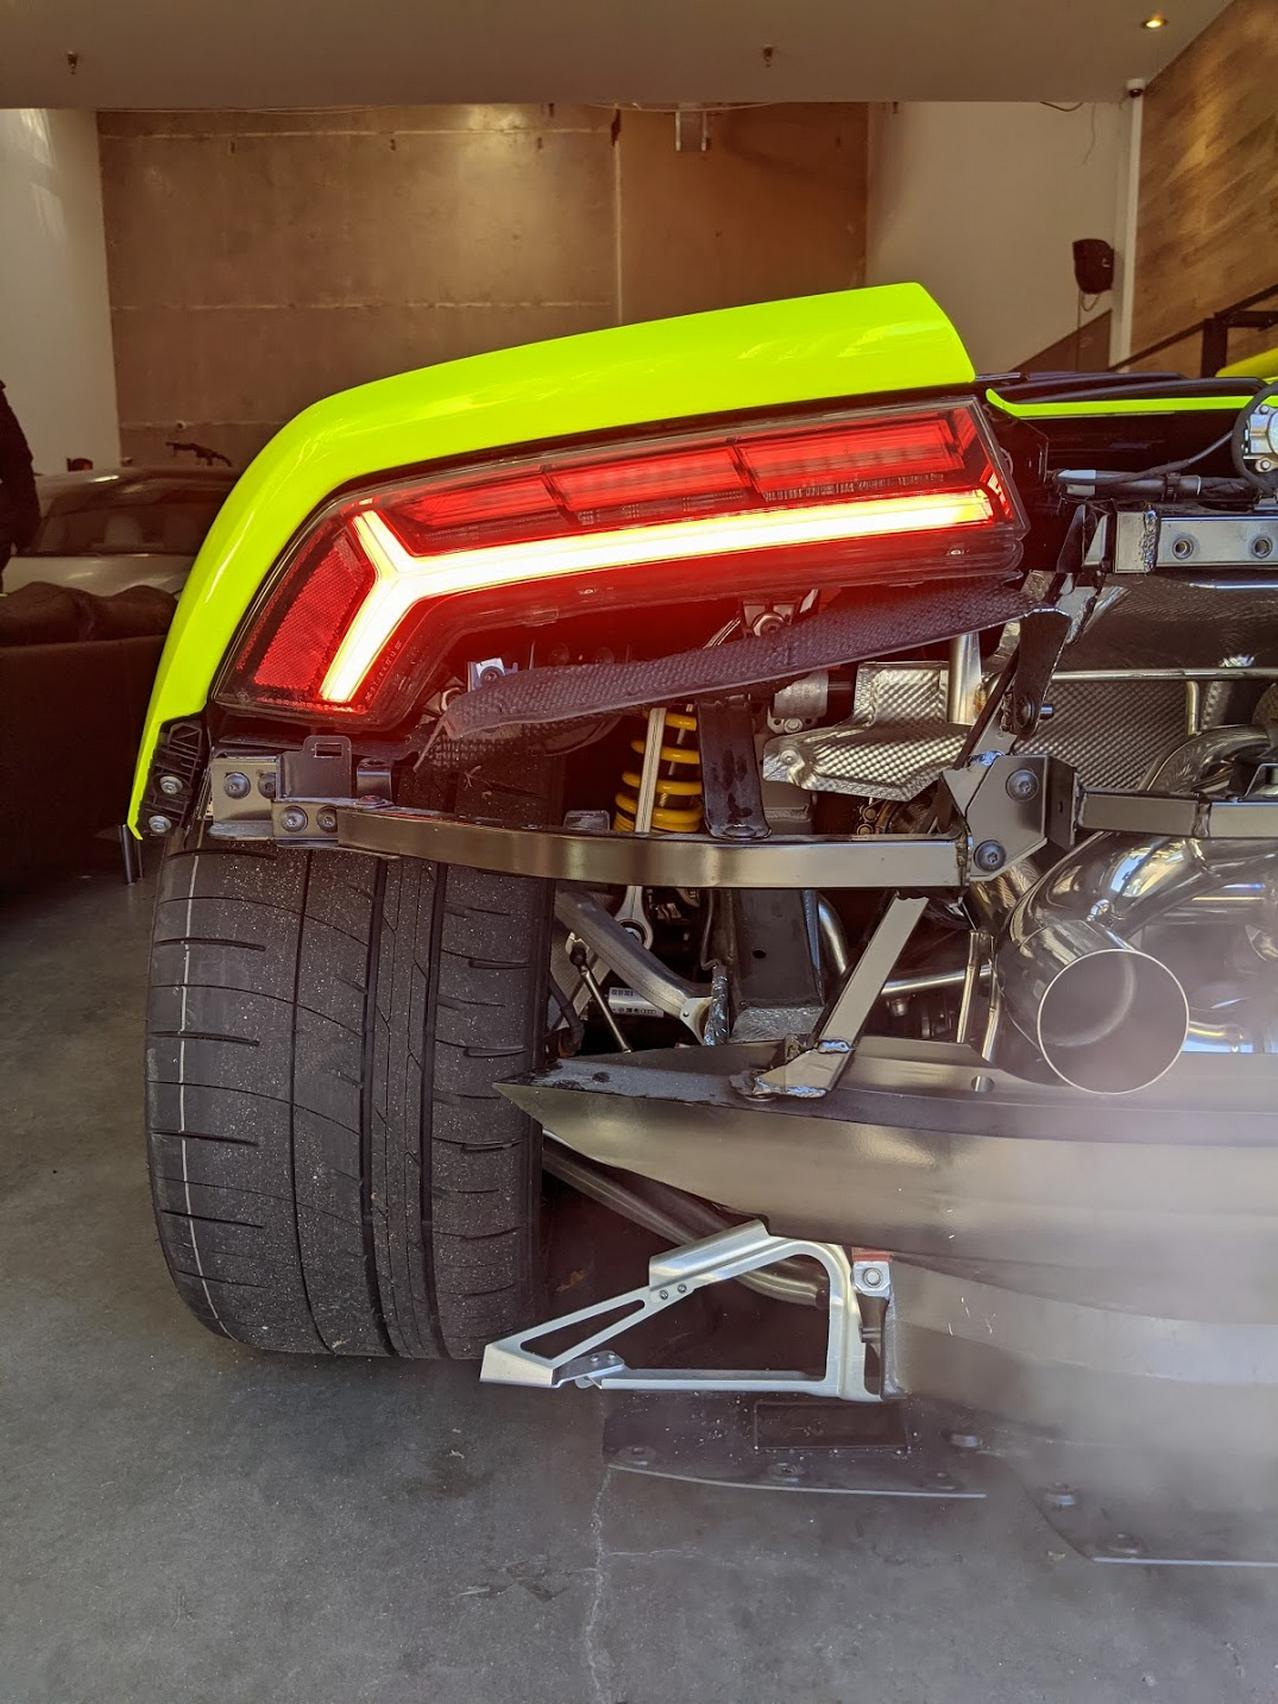 Huracan Rear Lights